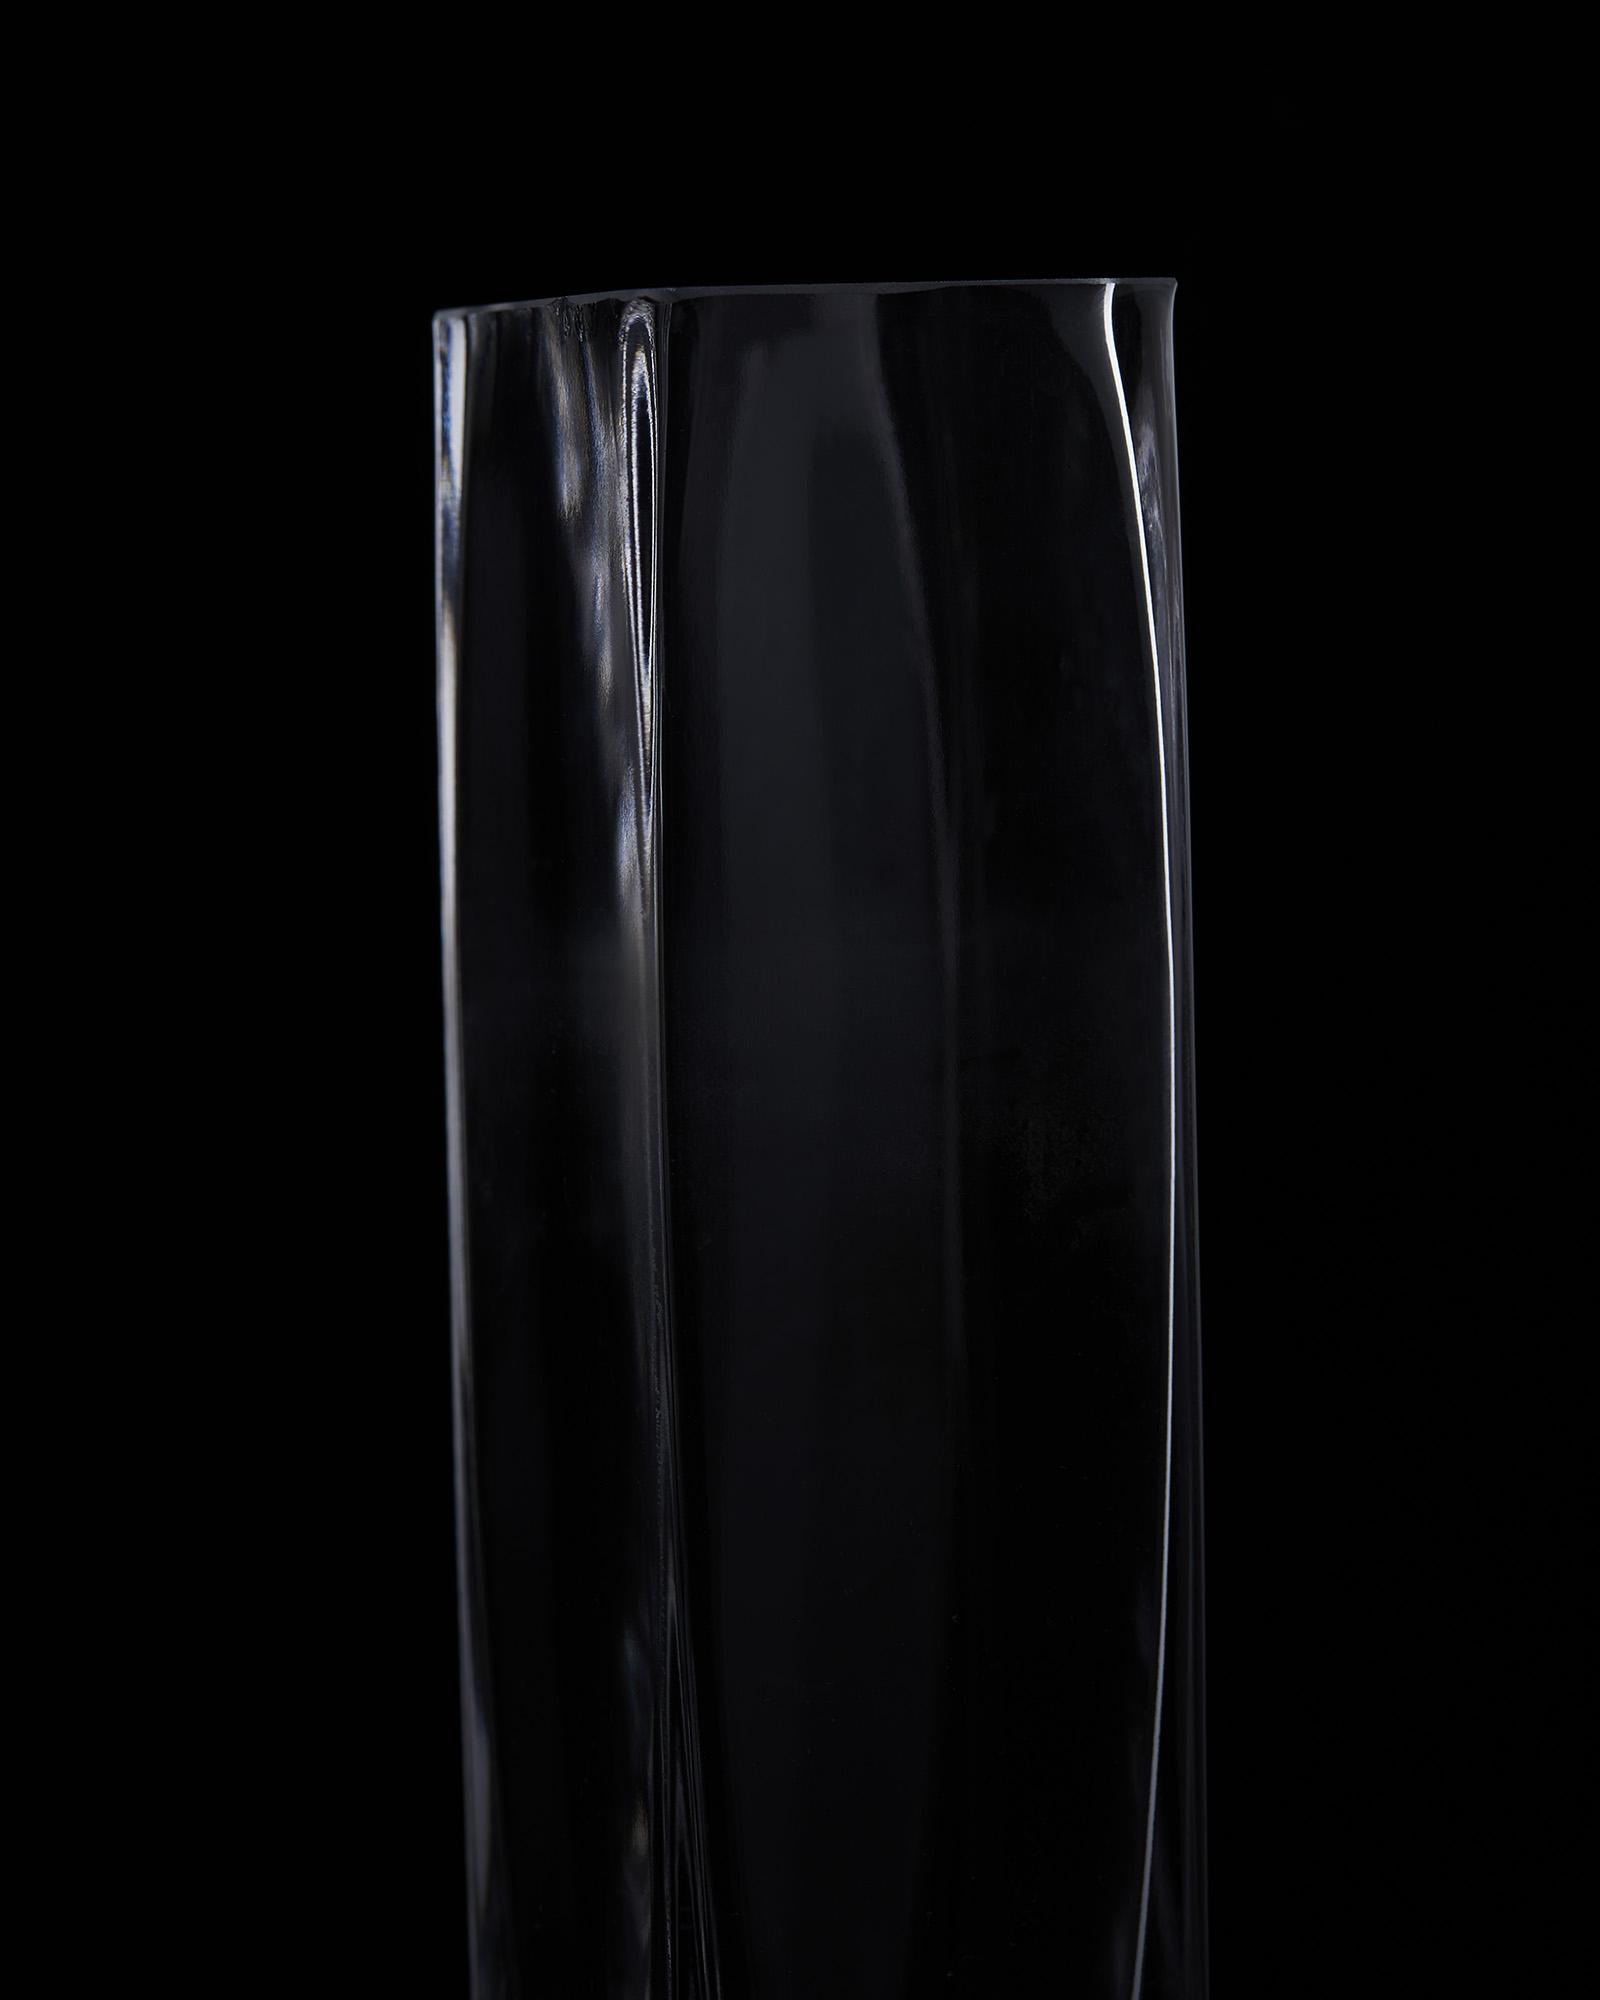 Still Life picture of glassware